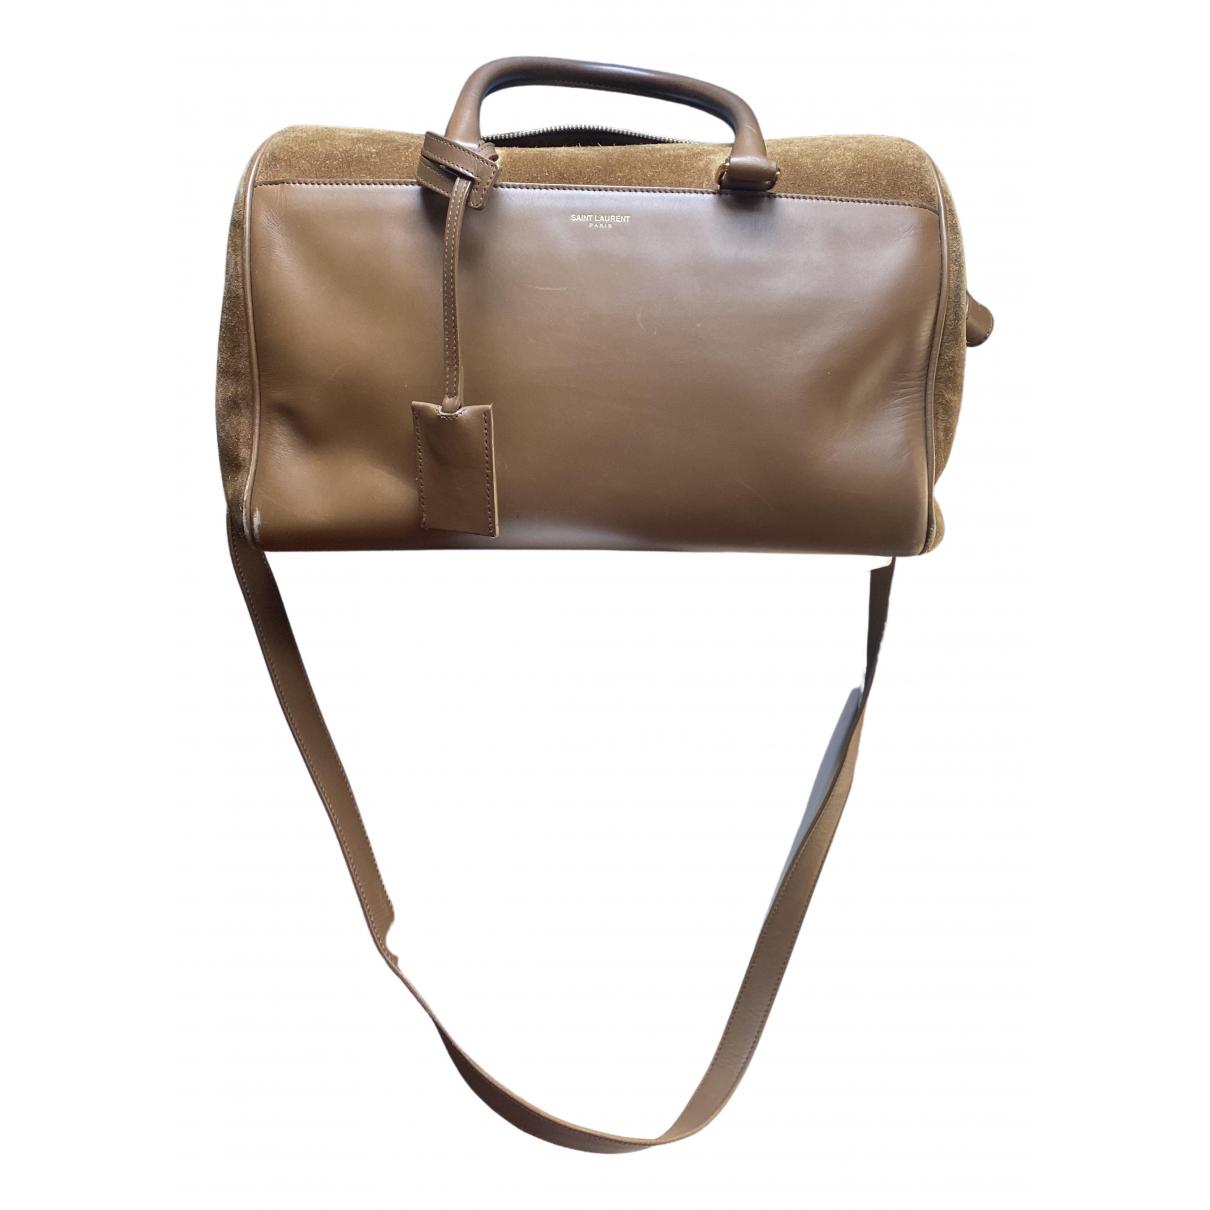 Saint Laurent Duffle Handtasche in  Kamel Veloursleder